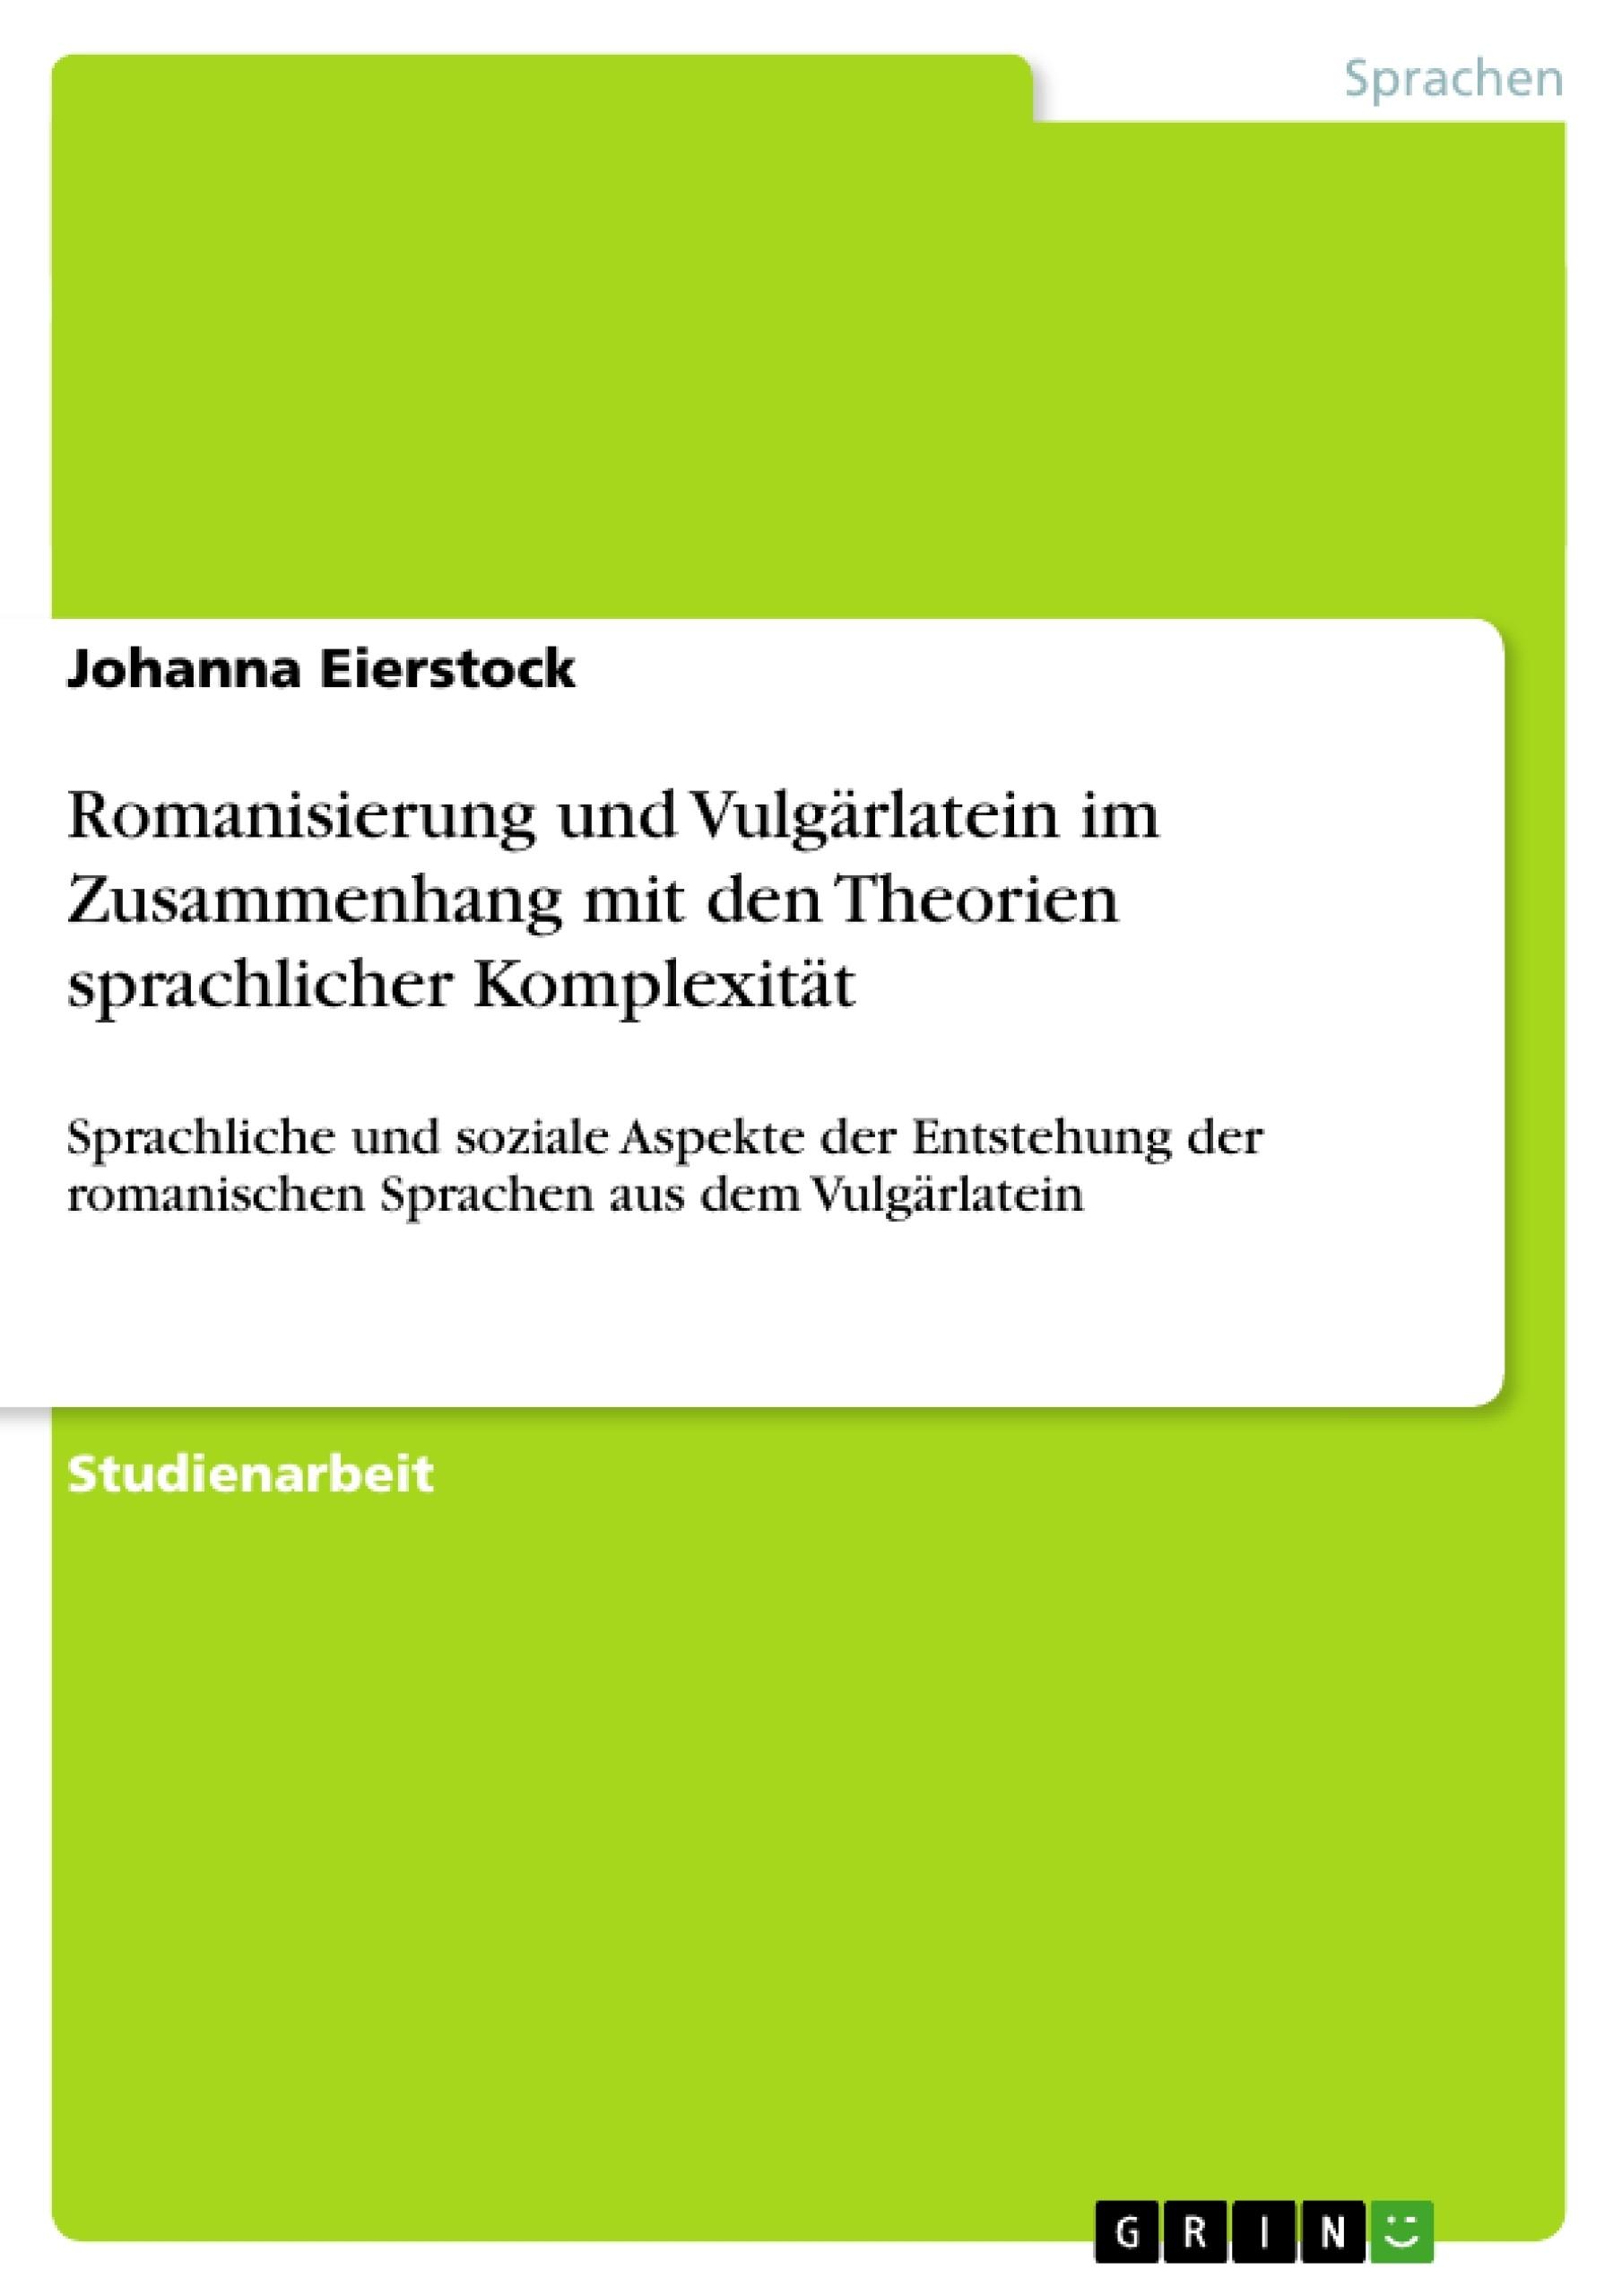 Titel: Romanisierung und Vulgärlatein im Zusammenhang mit den Theorien sprachlicher Komplexität